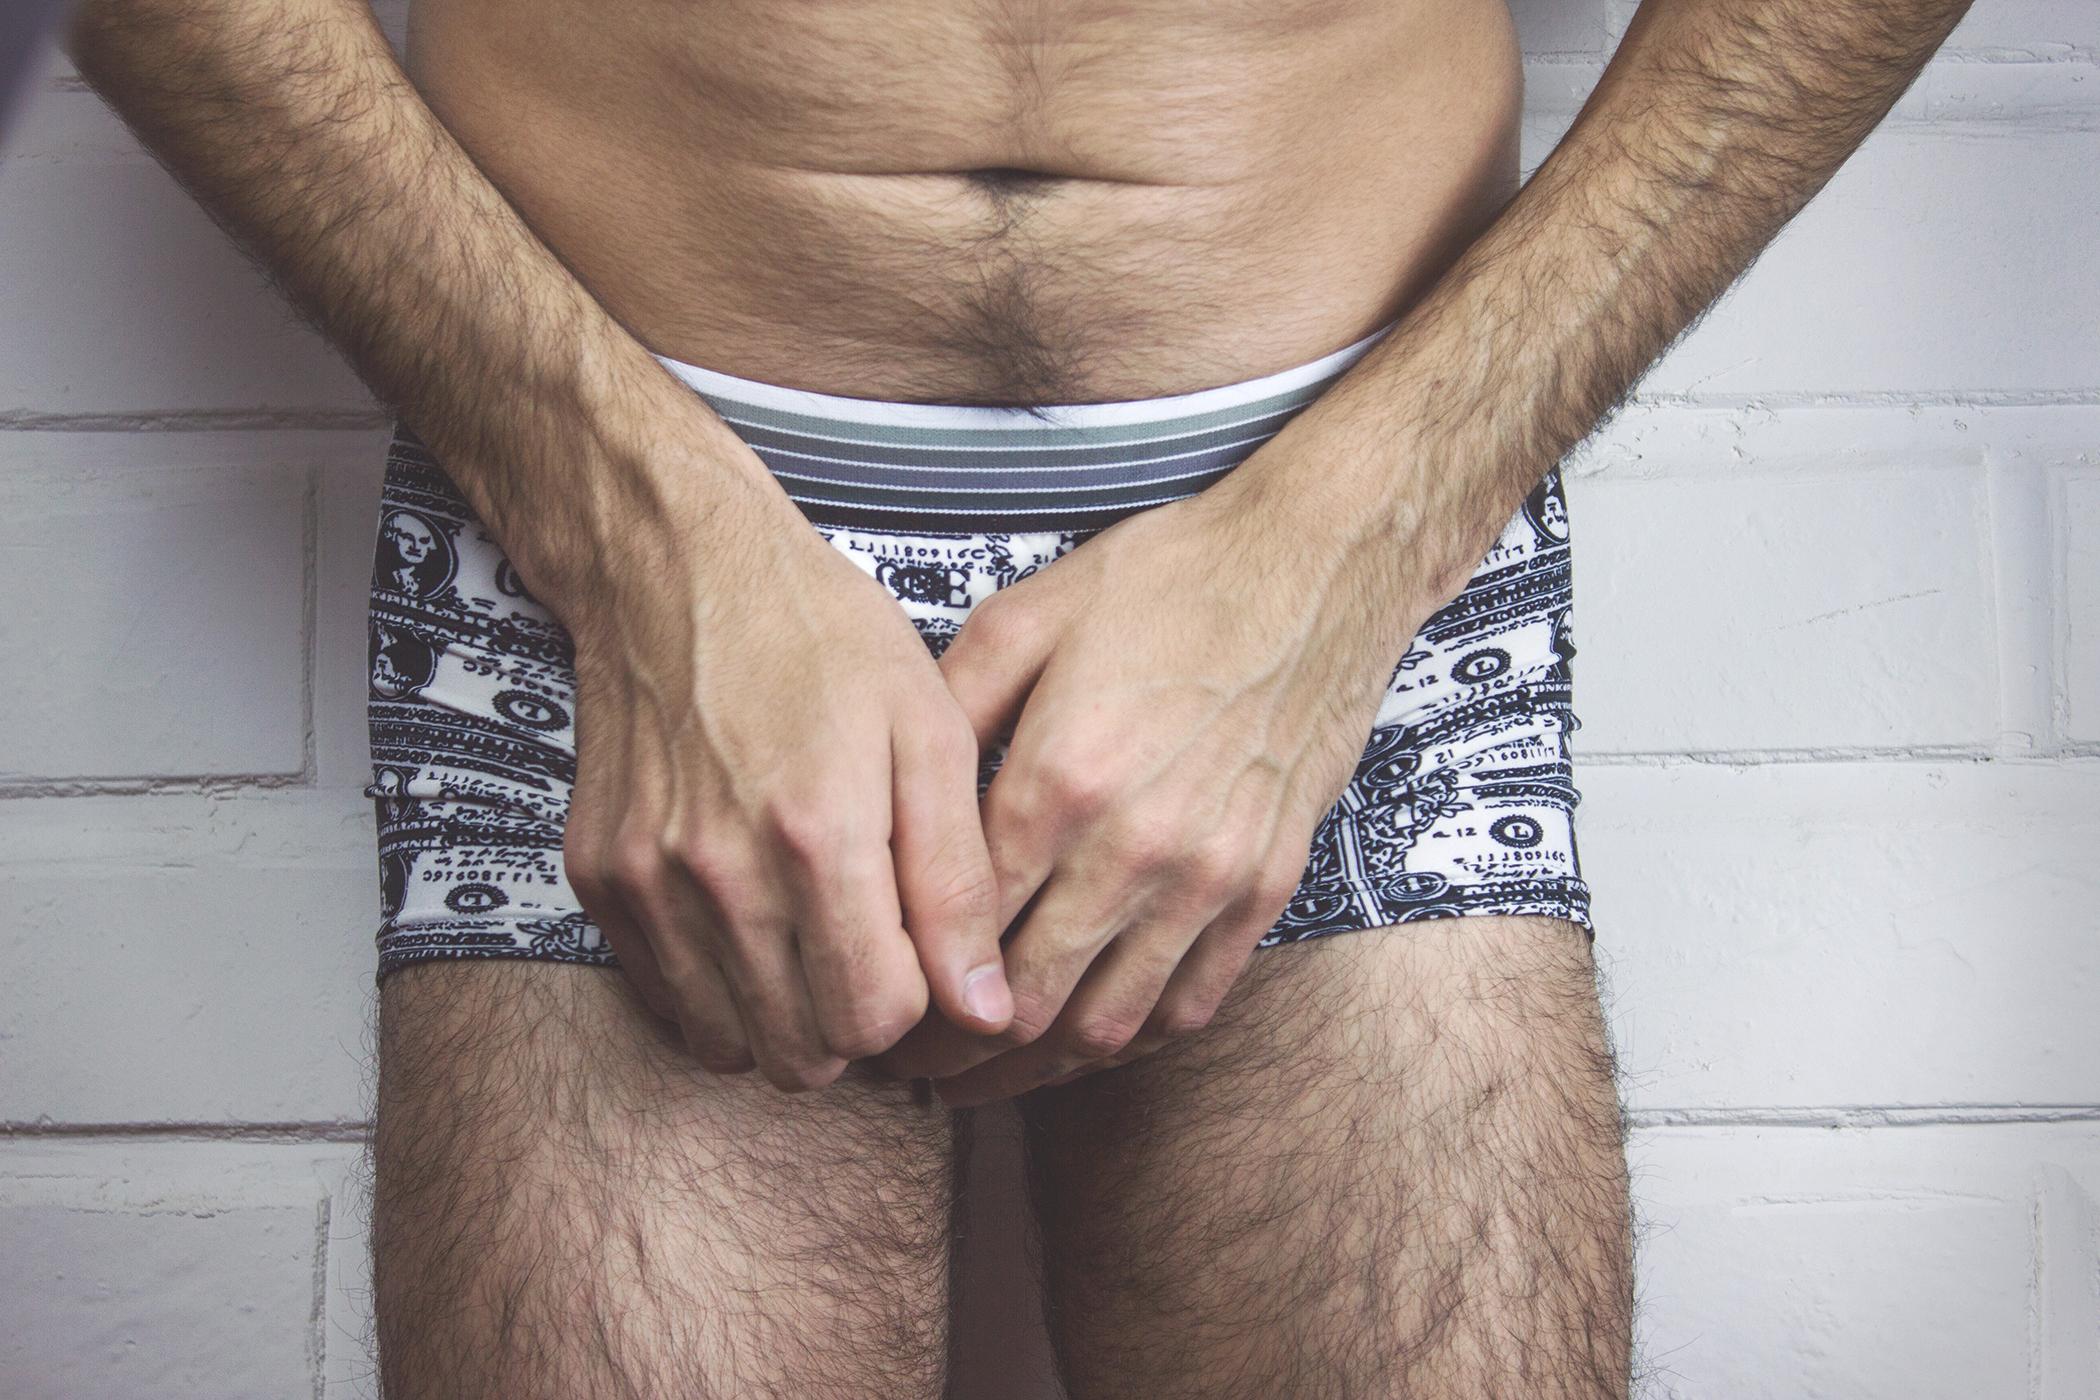 növekvő erekció hagyományos orvoslás